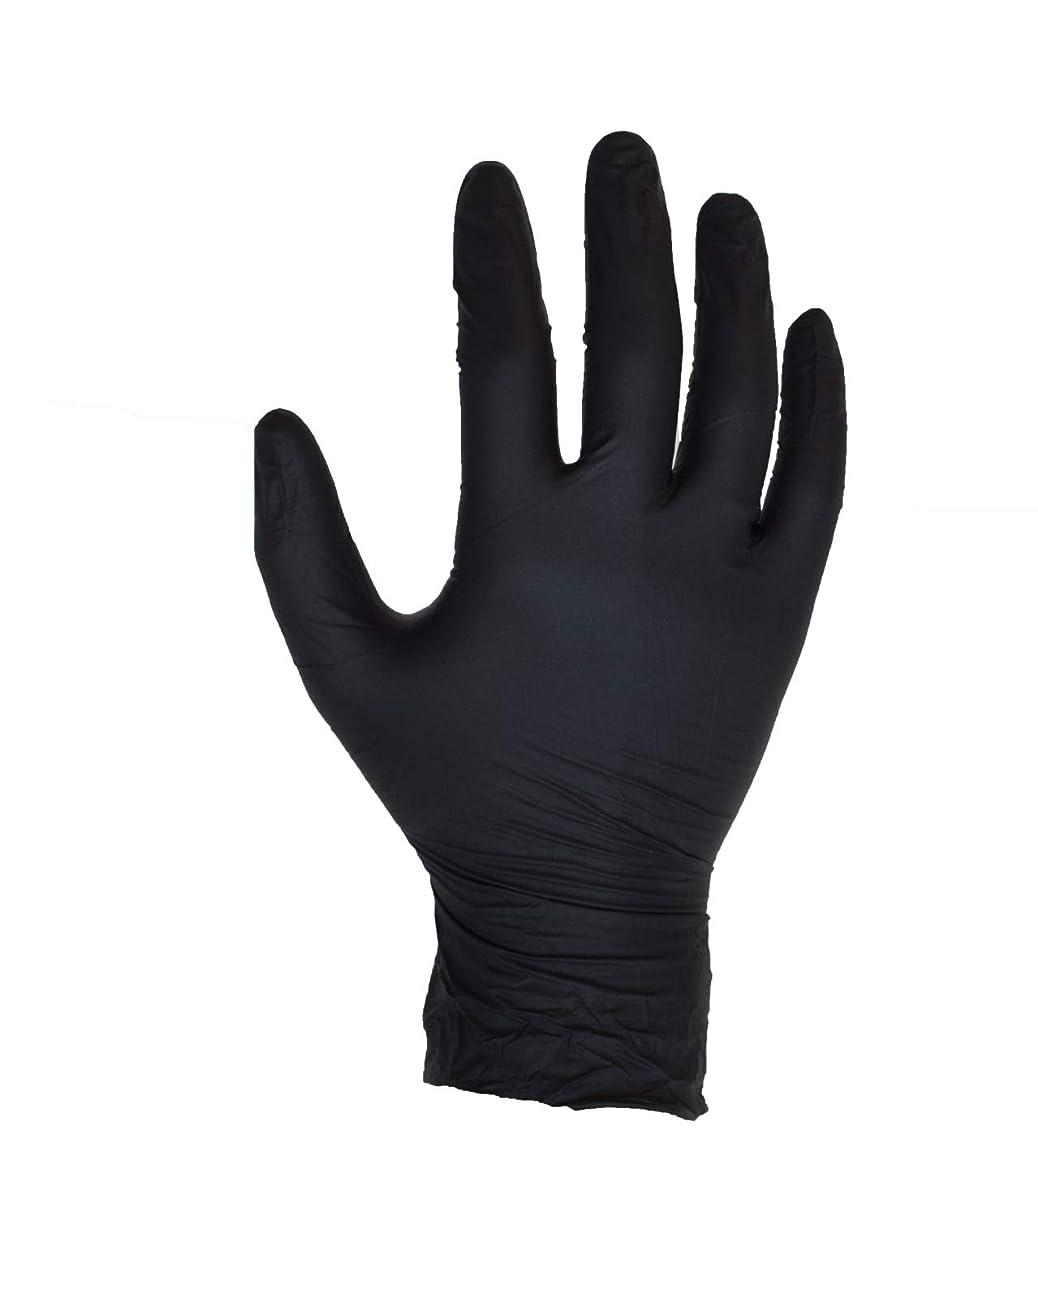 中性暴露広告する100個入りブラックニトリル手袋 - サイズL - ASPRO - パウダーフリー - 使い捨て - ラテックスフリー - AQL 1.5(サイズL - 大、黒)